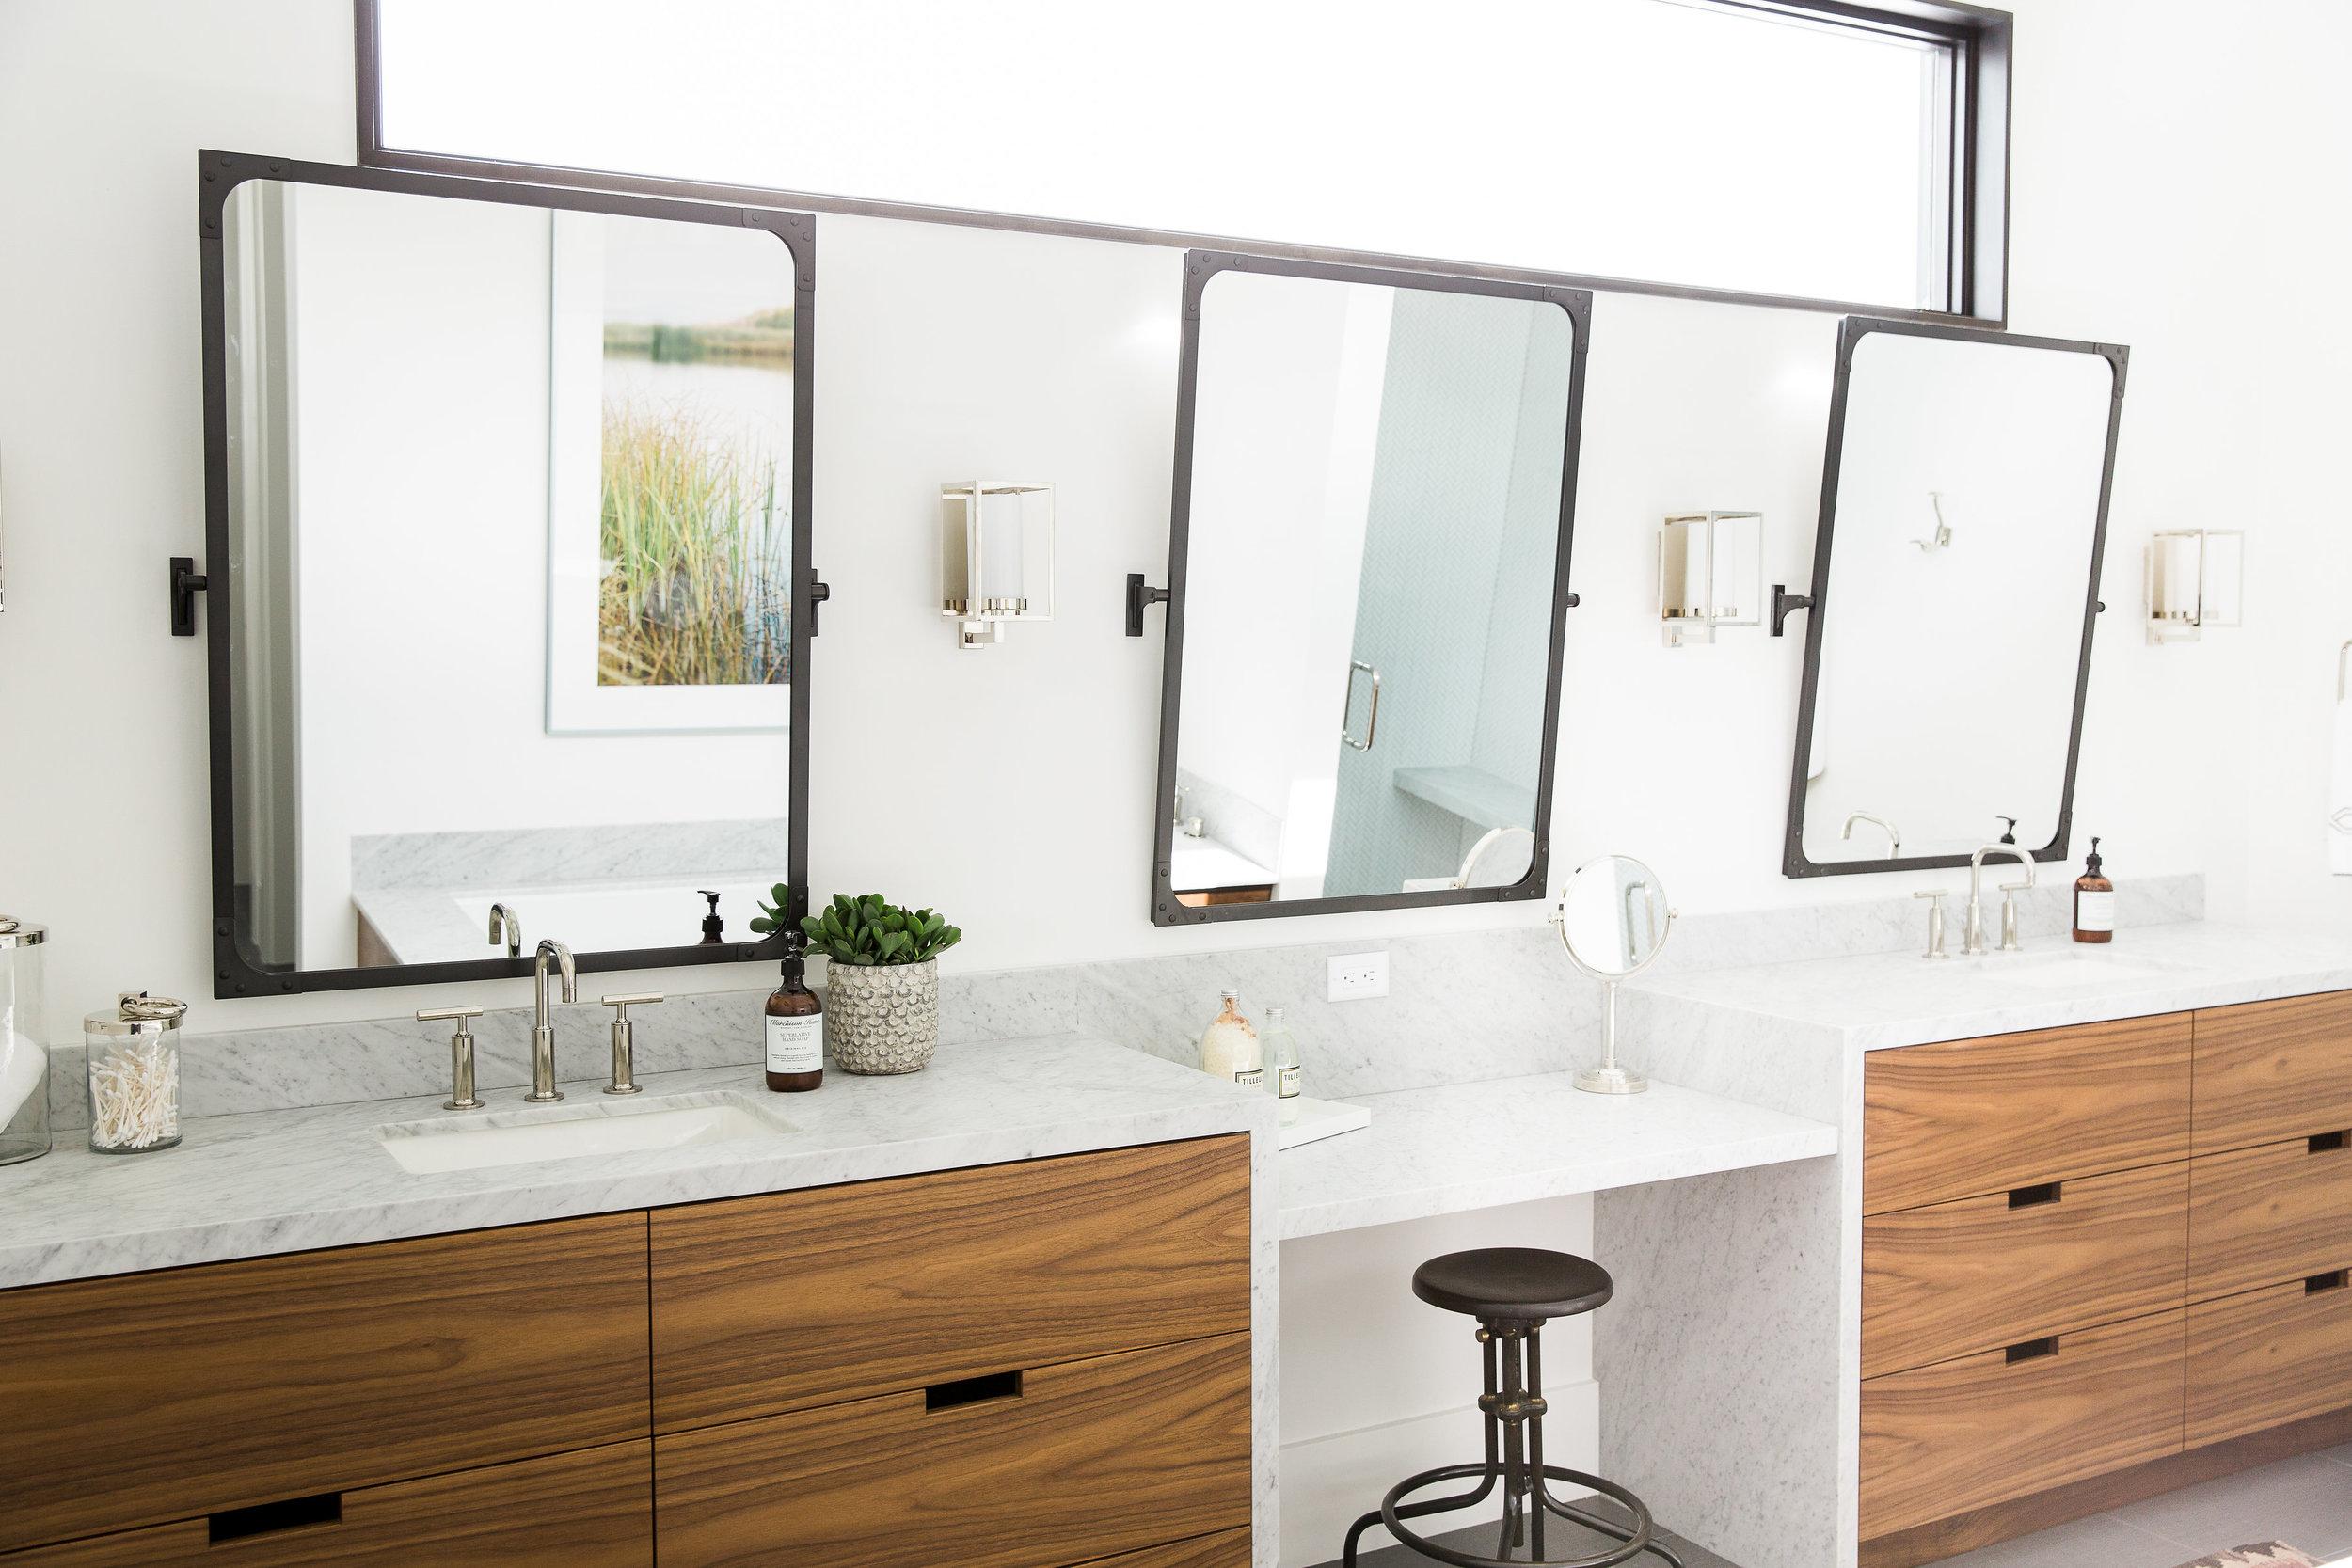 Master Bathroom with Walnut vanities || Studio McGee